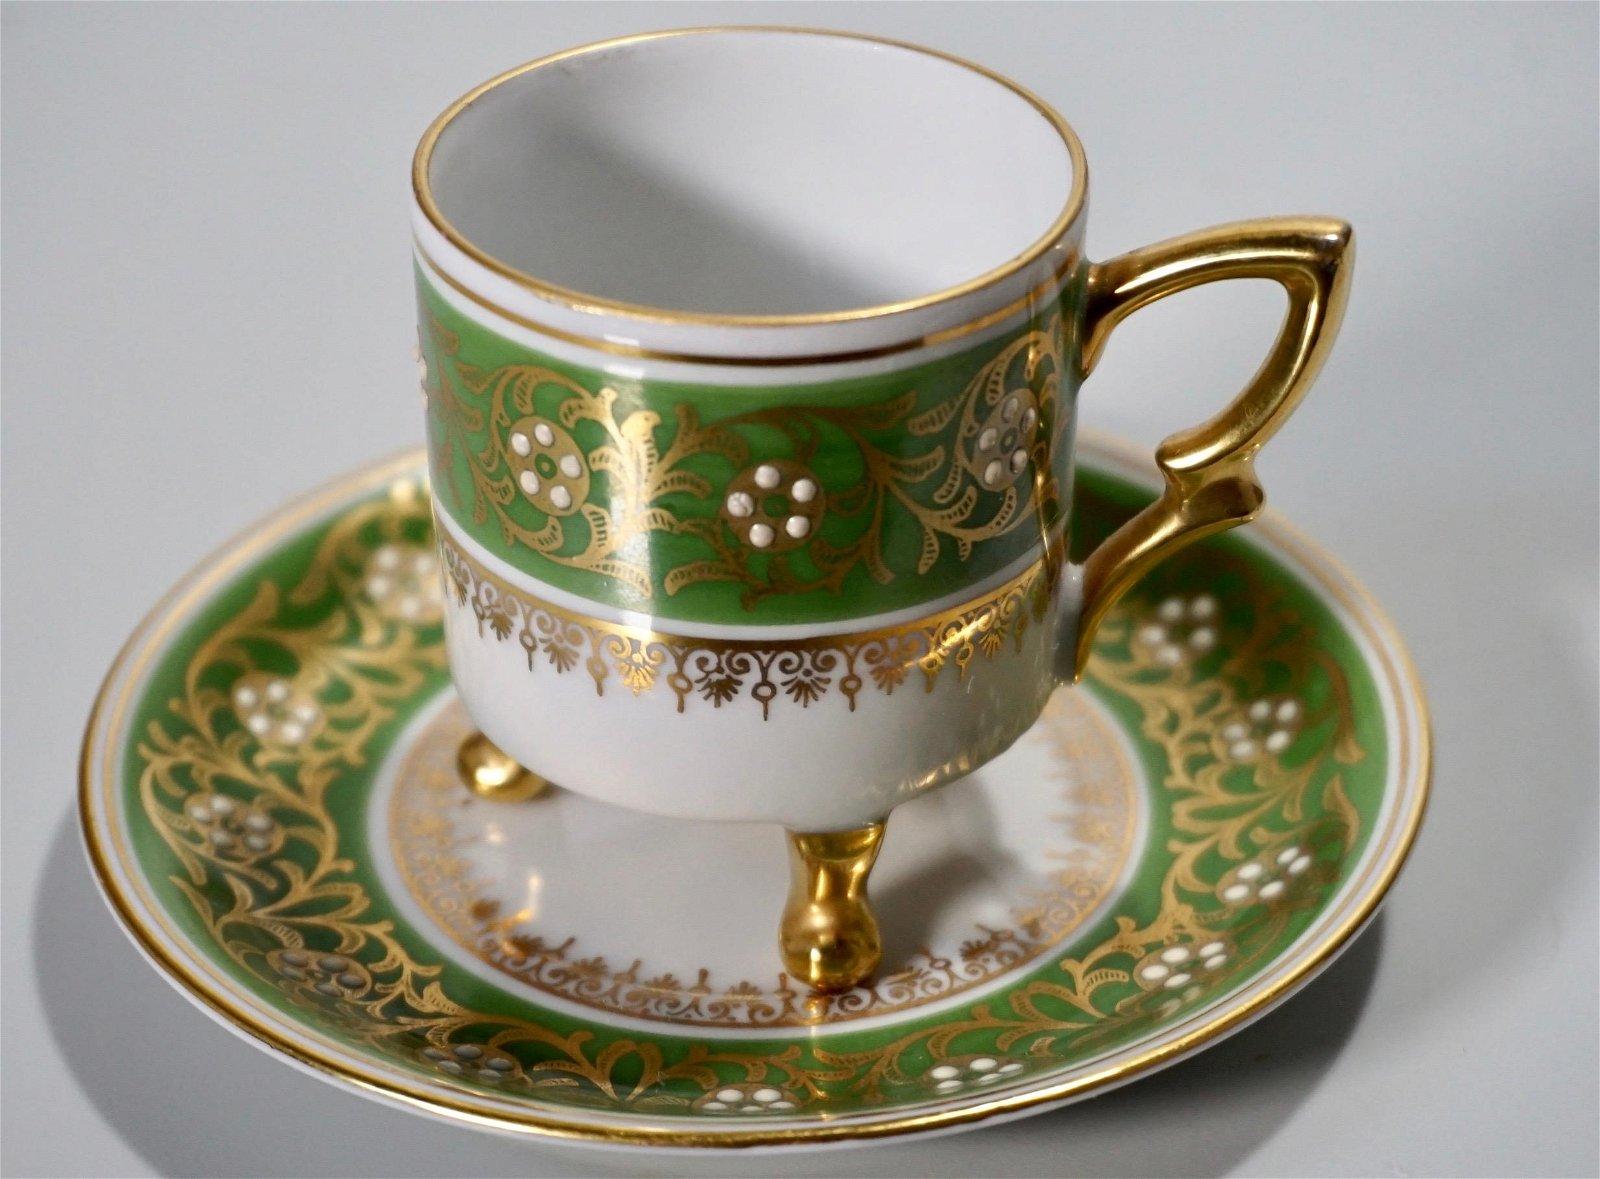 Mitterteich Green Jeweled German Bavarian Demitasse Cup